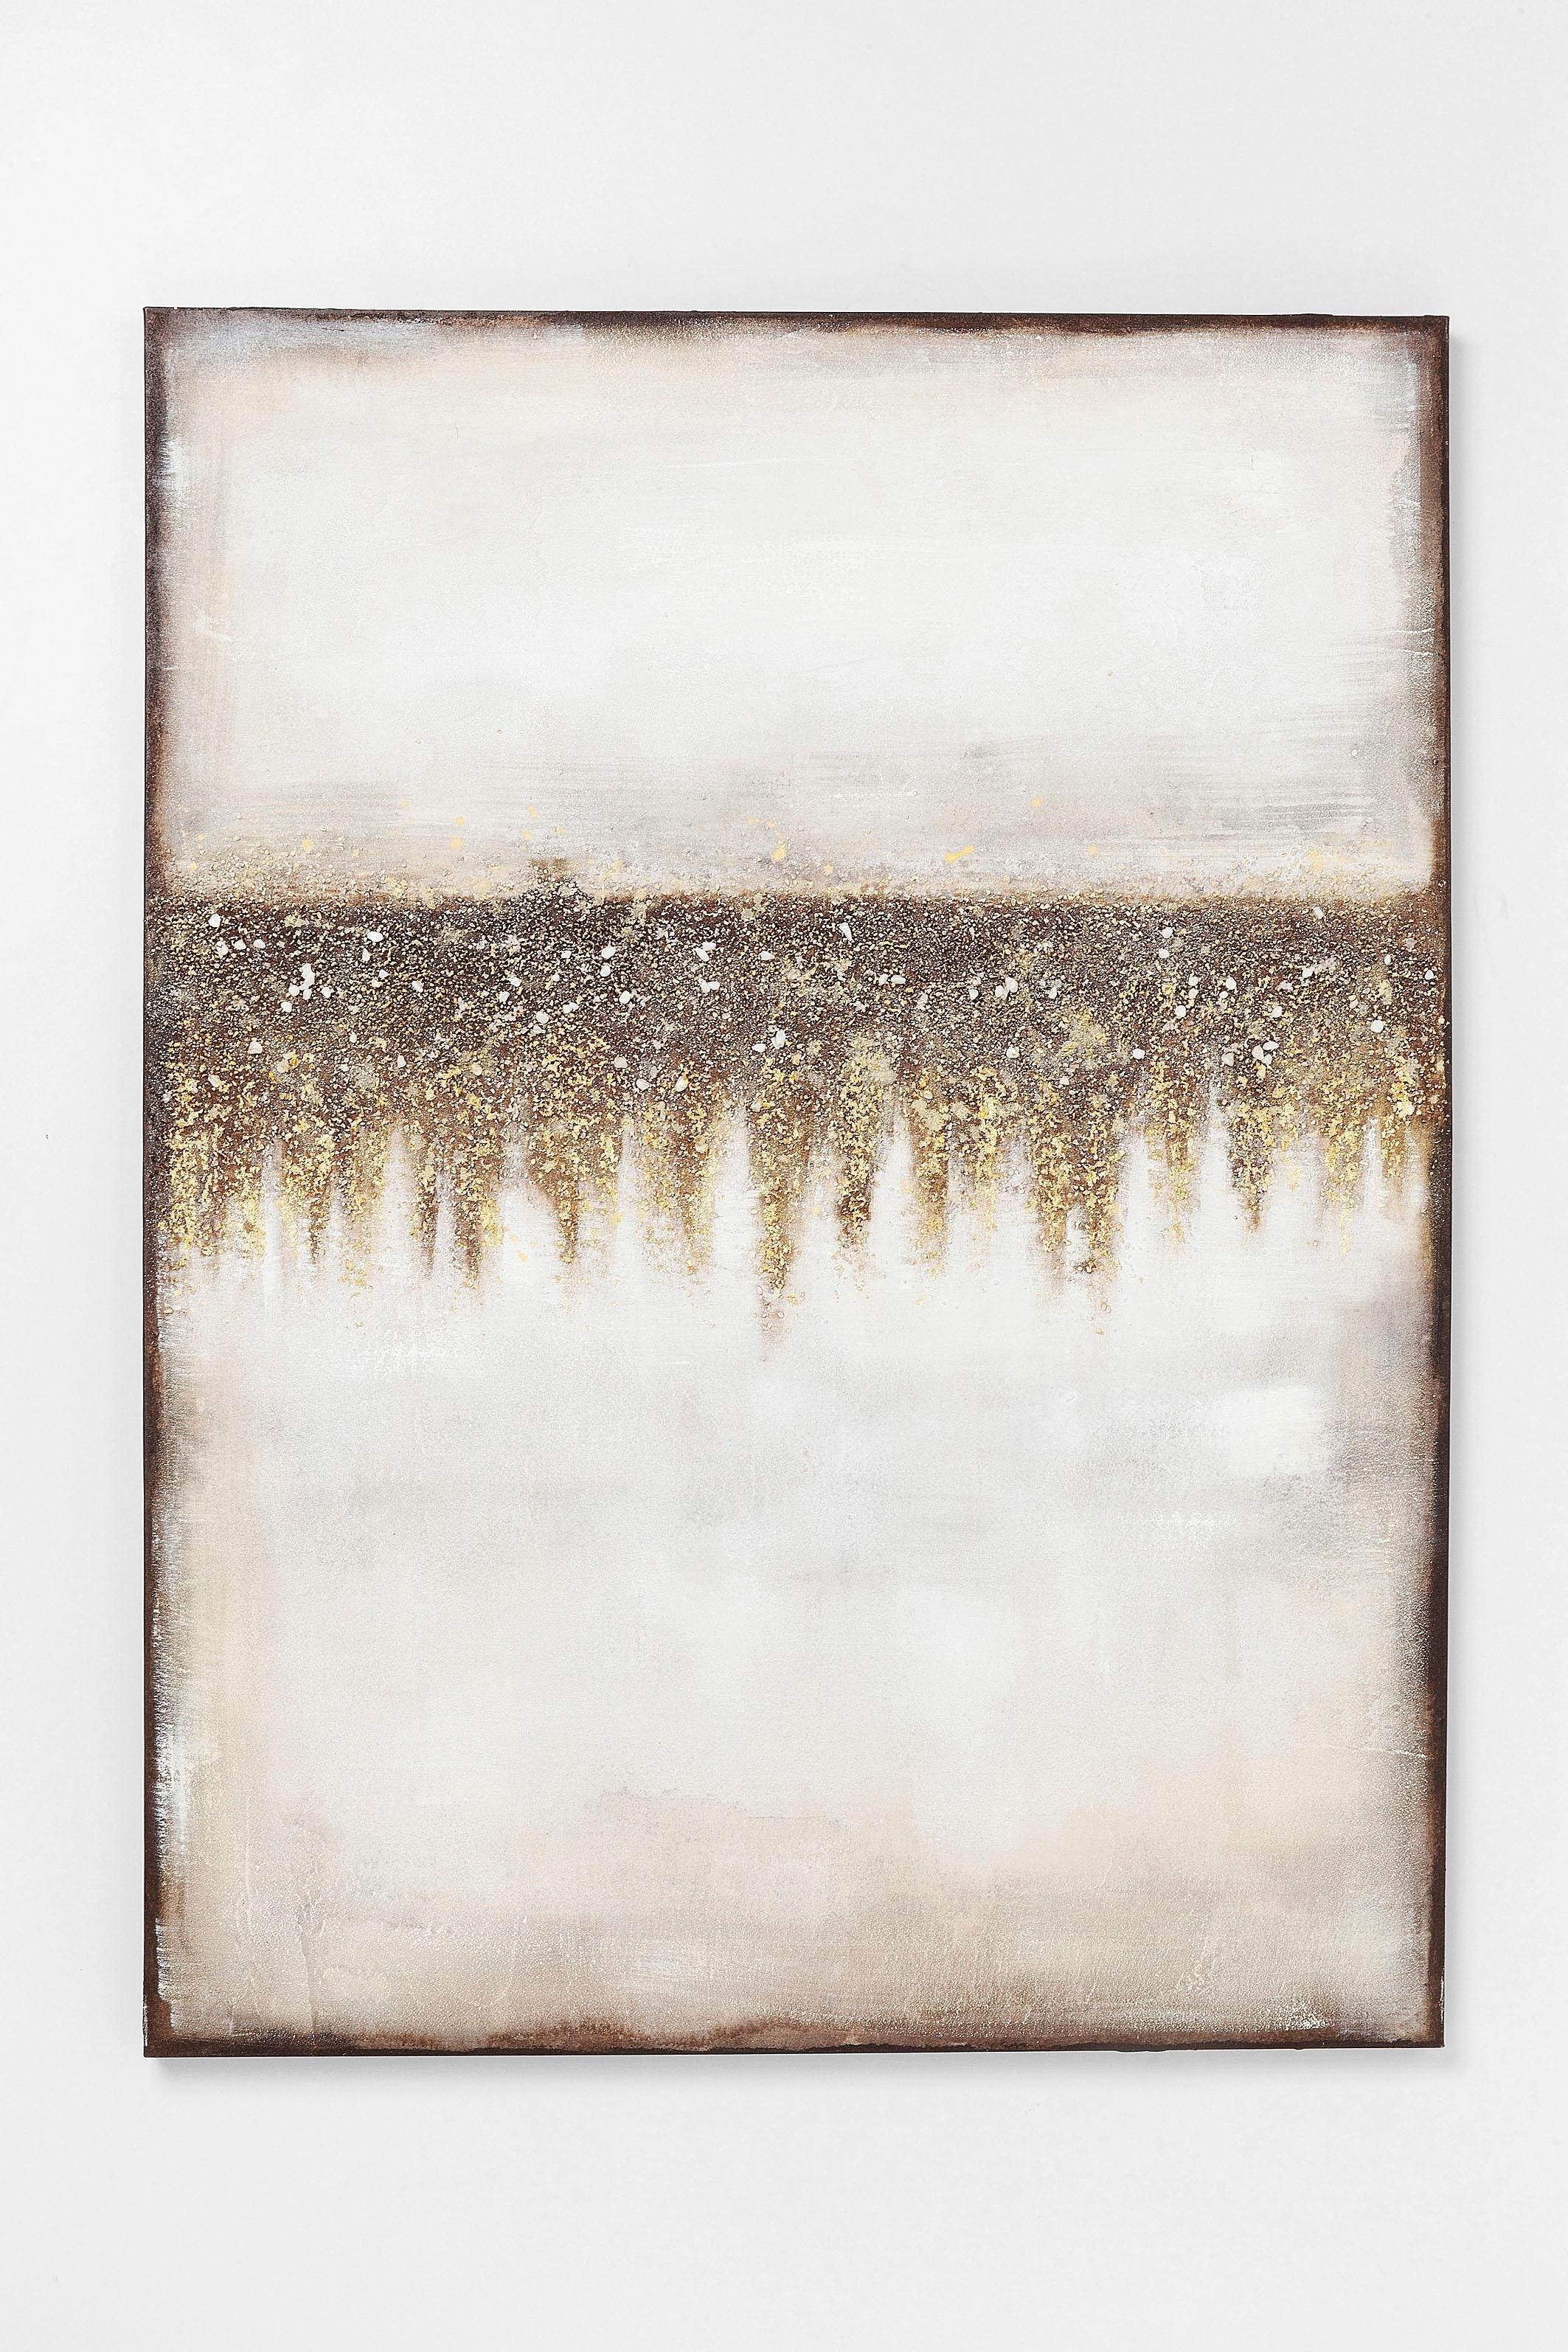 KARE Design KARE olieverfschilderij »Abstract Fields« goedkoop op otto.nl kopen